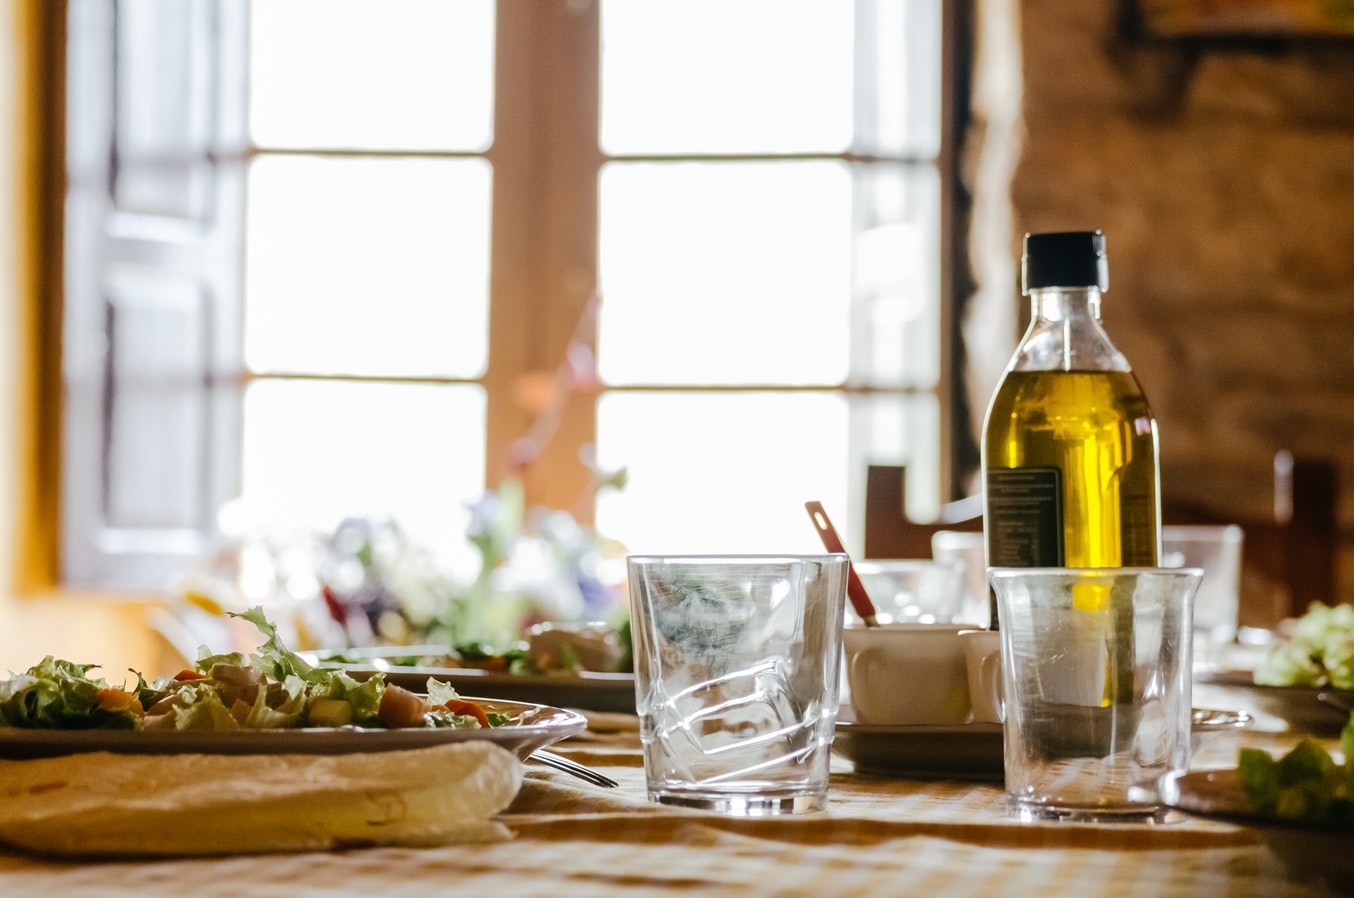 Dieta mediterránea por intercambios: una buena opción si buscas bajar de peso